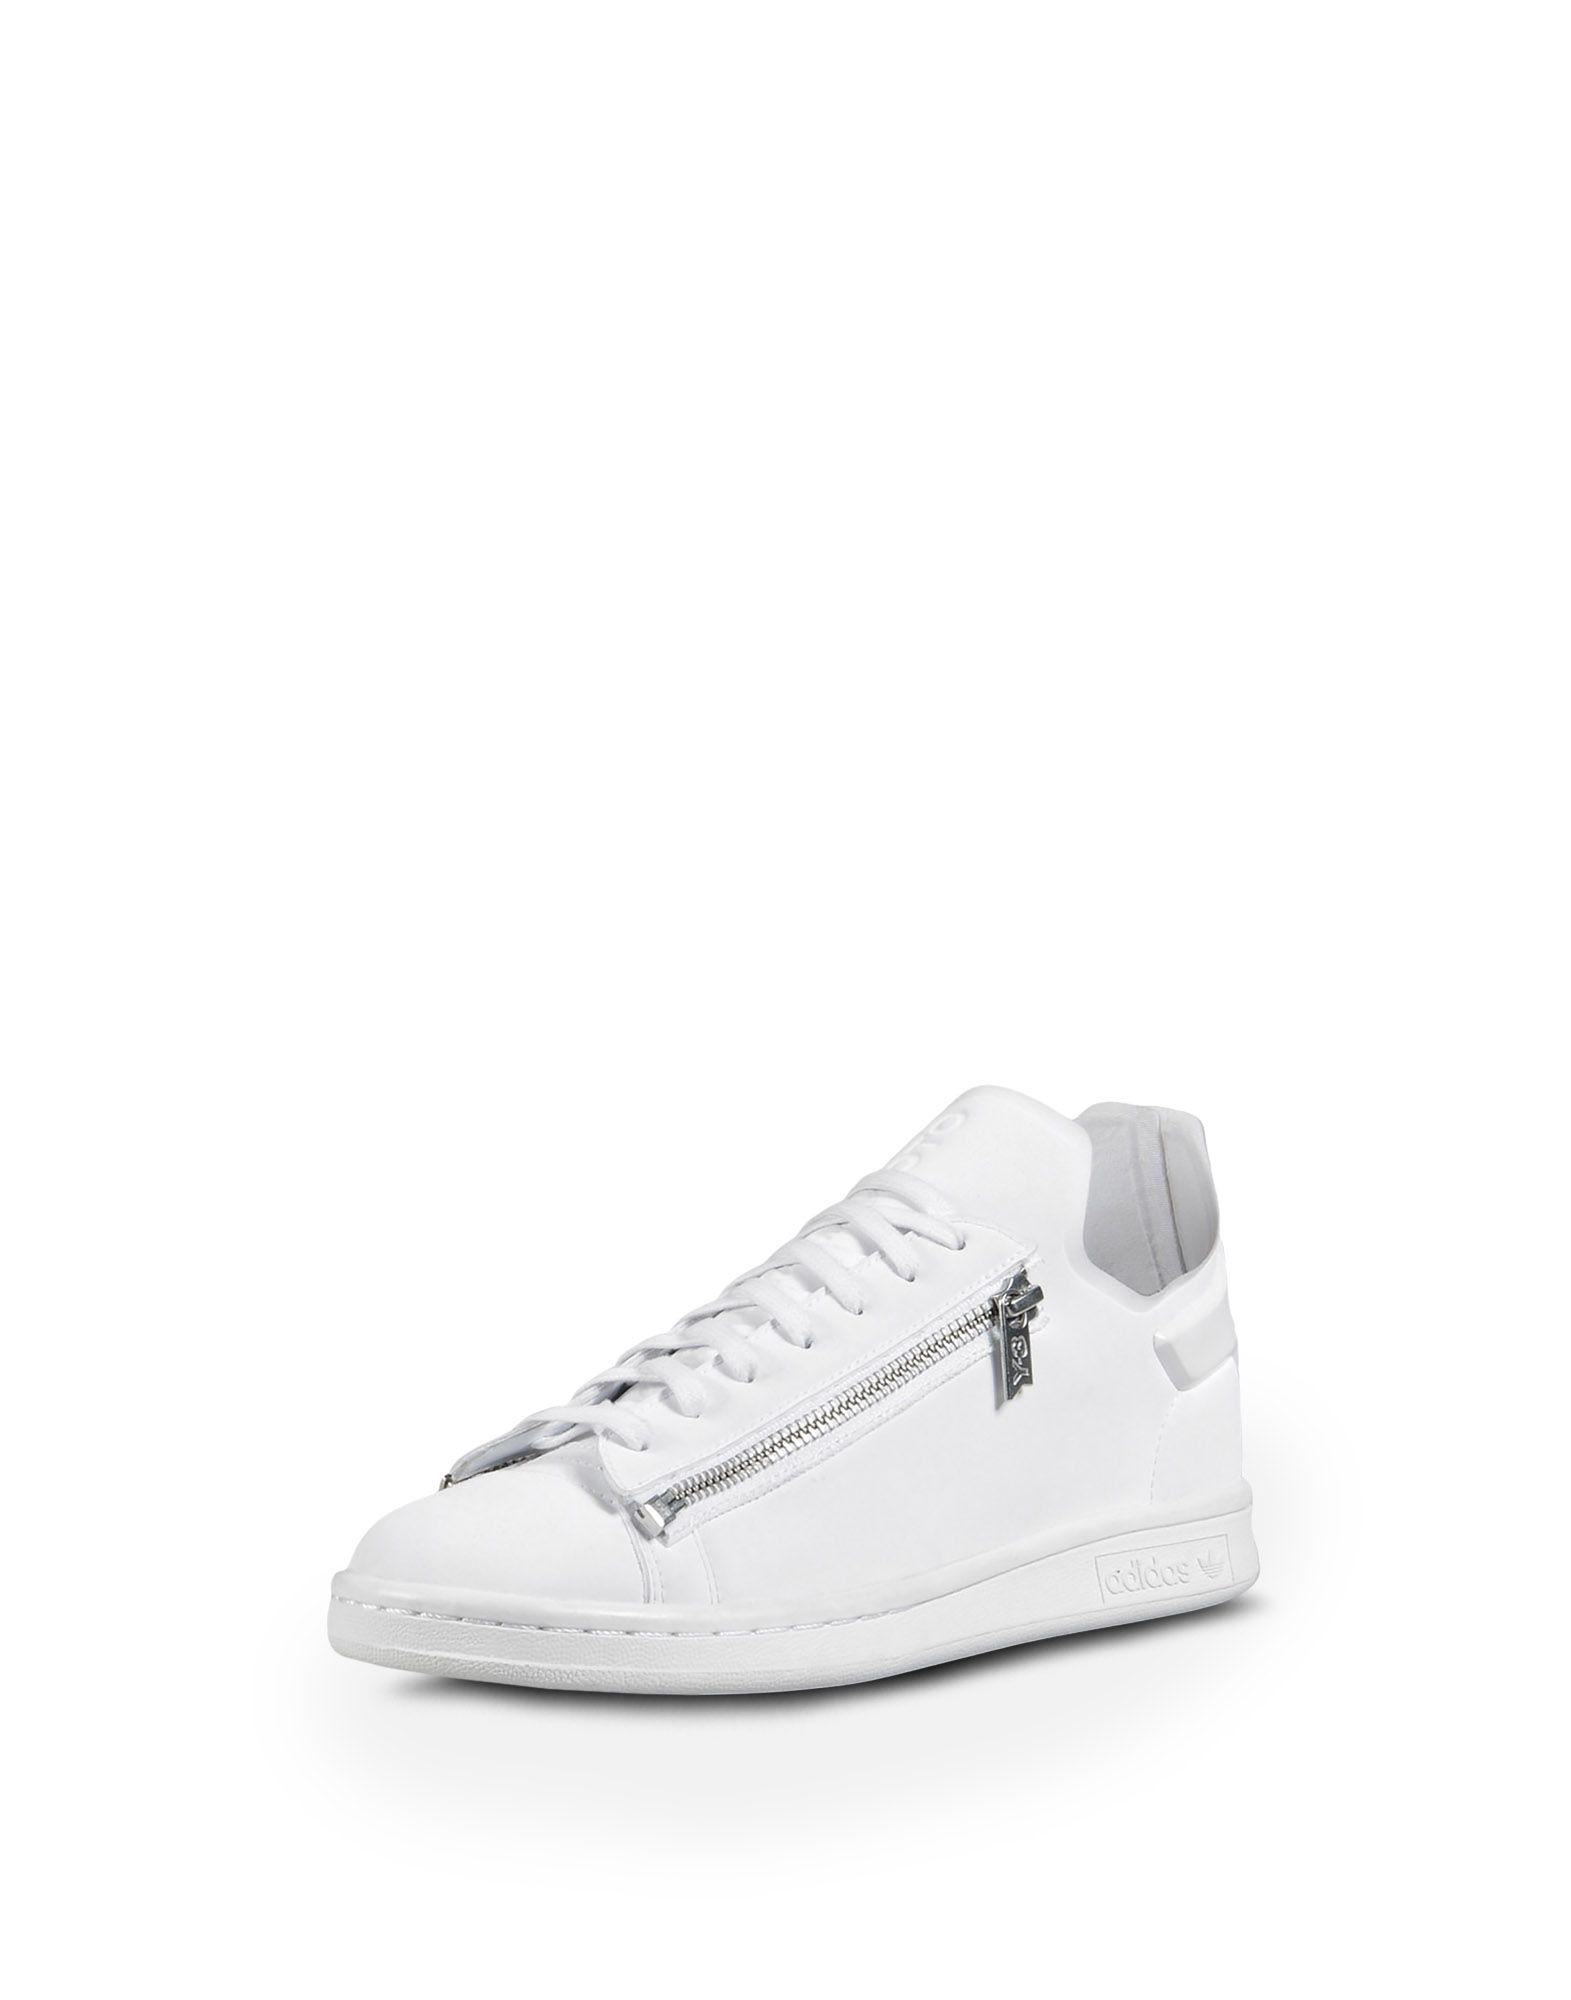 the latest c8729 deb30 adidas y3 2 bianche e nere